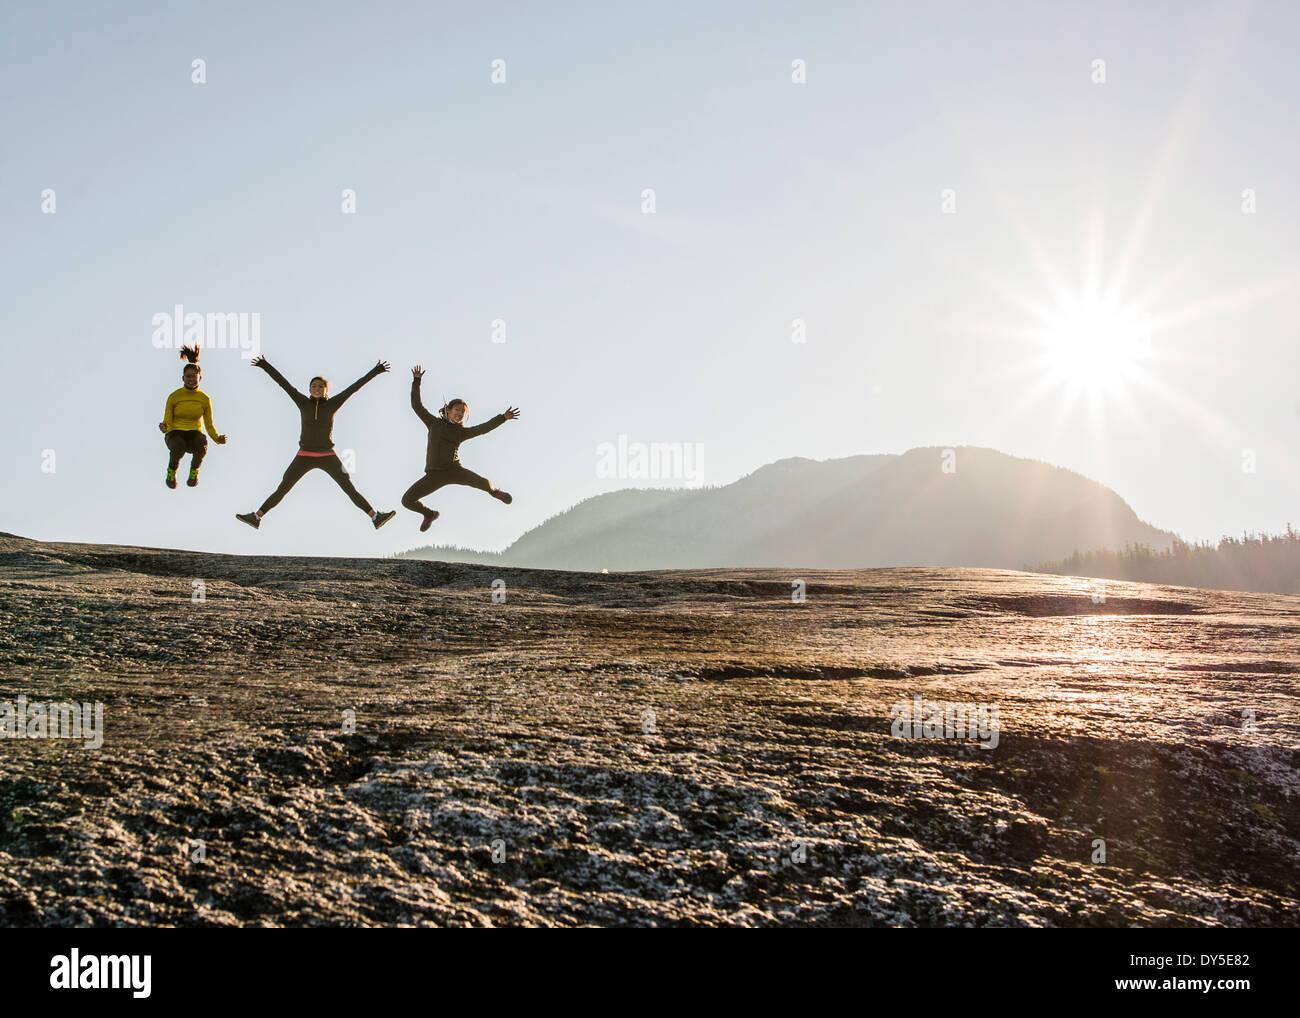 Drei junge weibliche Wanderer springen Luft auf Felsen, Squamish, British Columbia, Kanada Stockbild